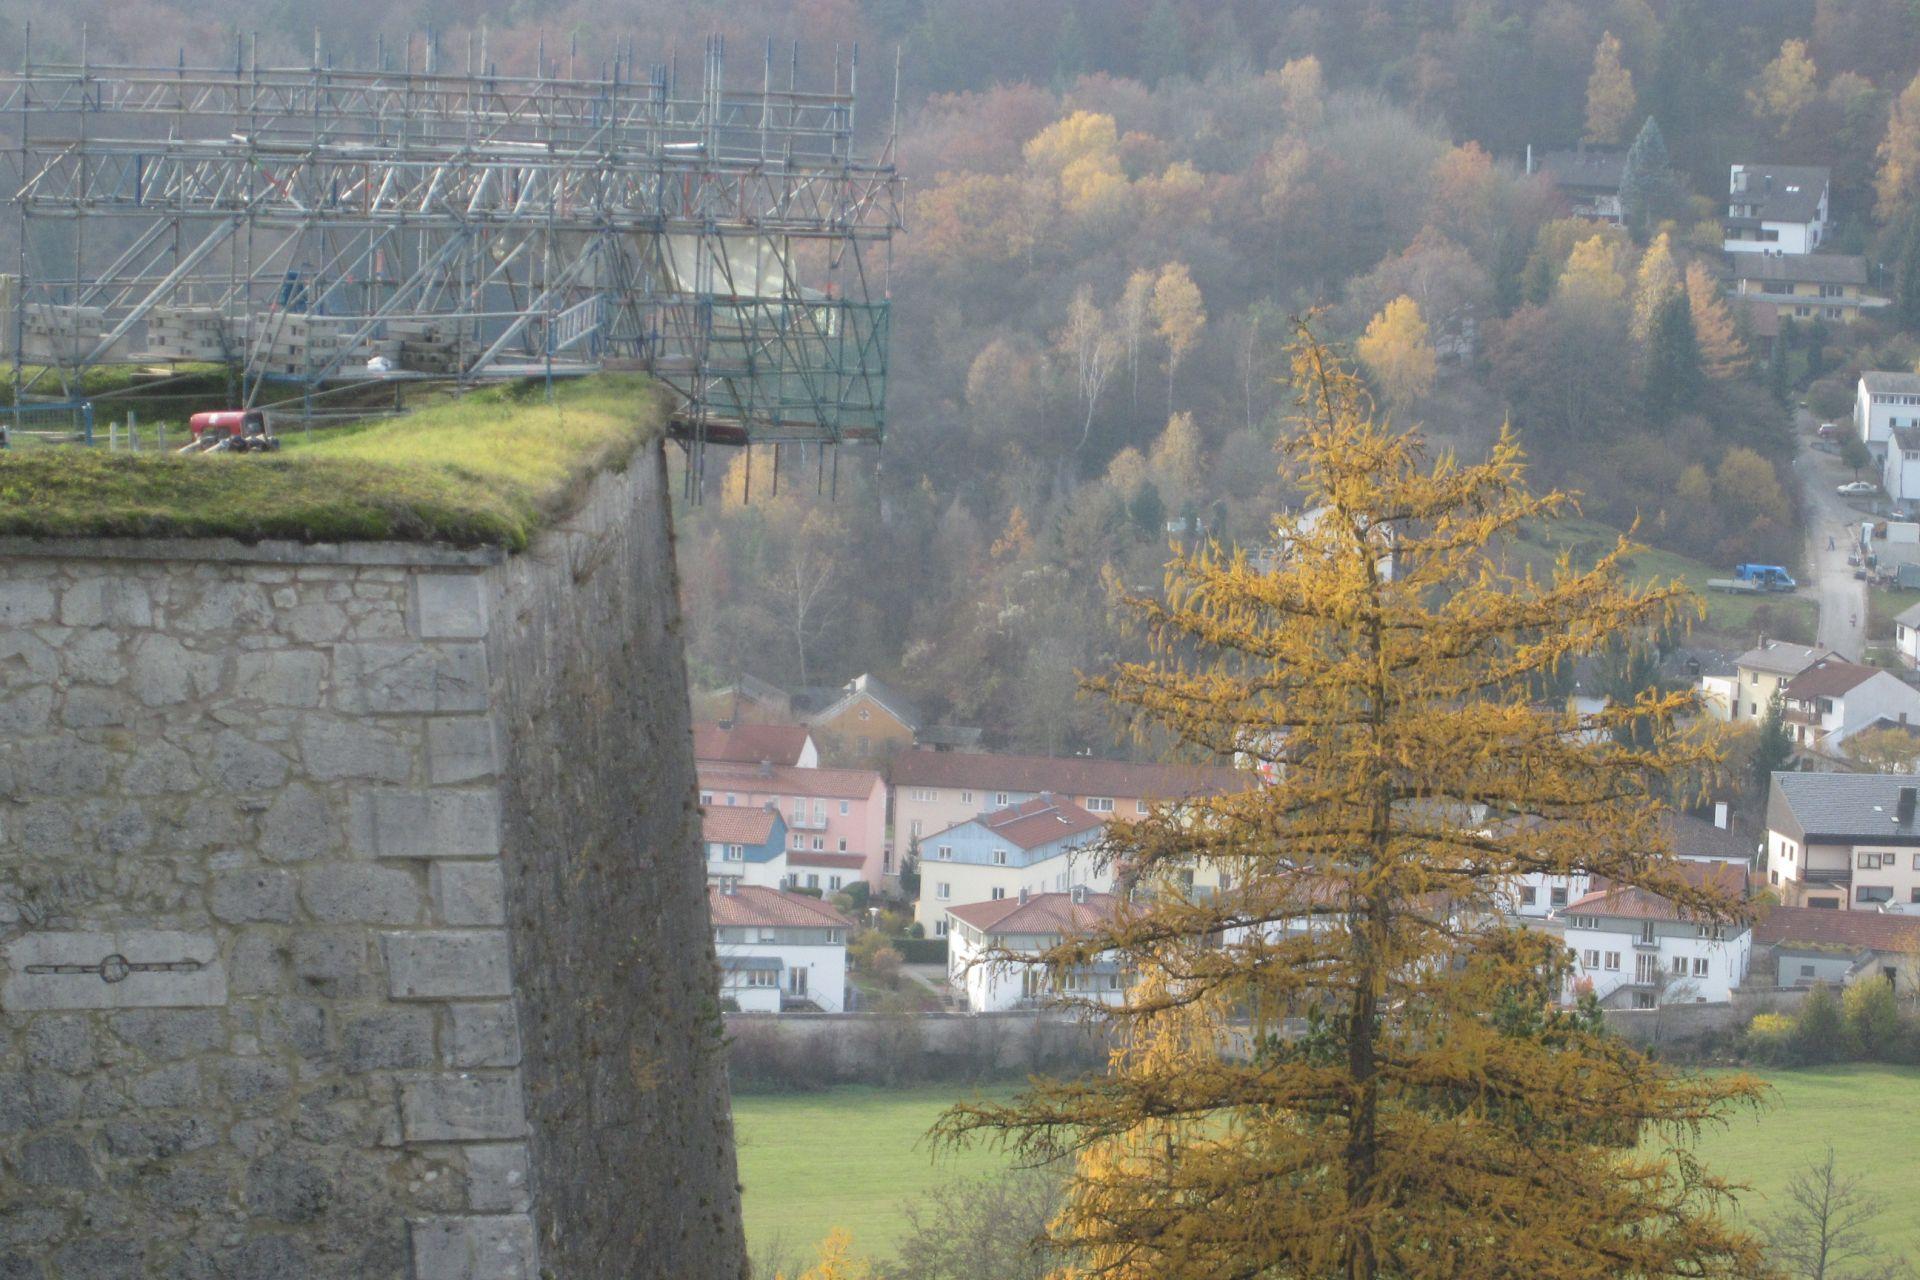 Willibaldsburg Eichstätt, 1. BA Verbesserung der Besucherinfrastruktur